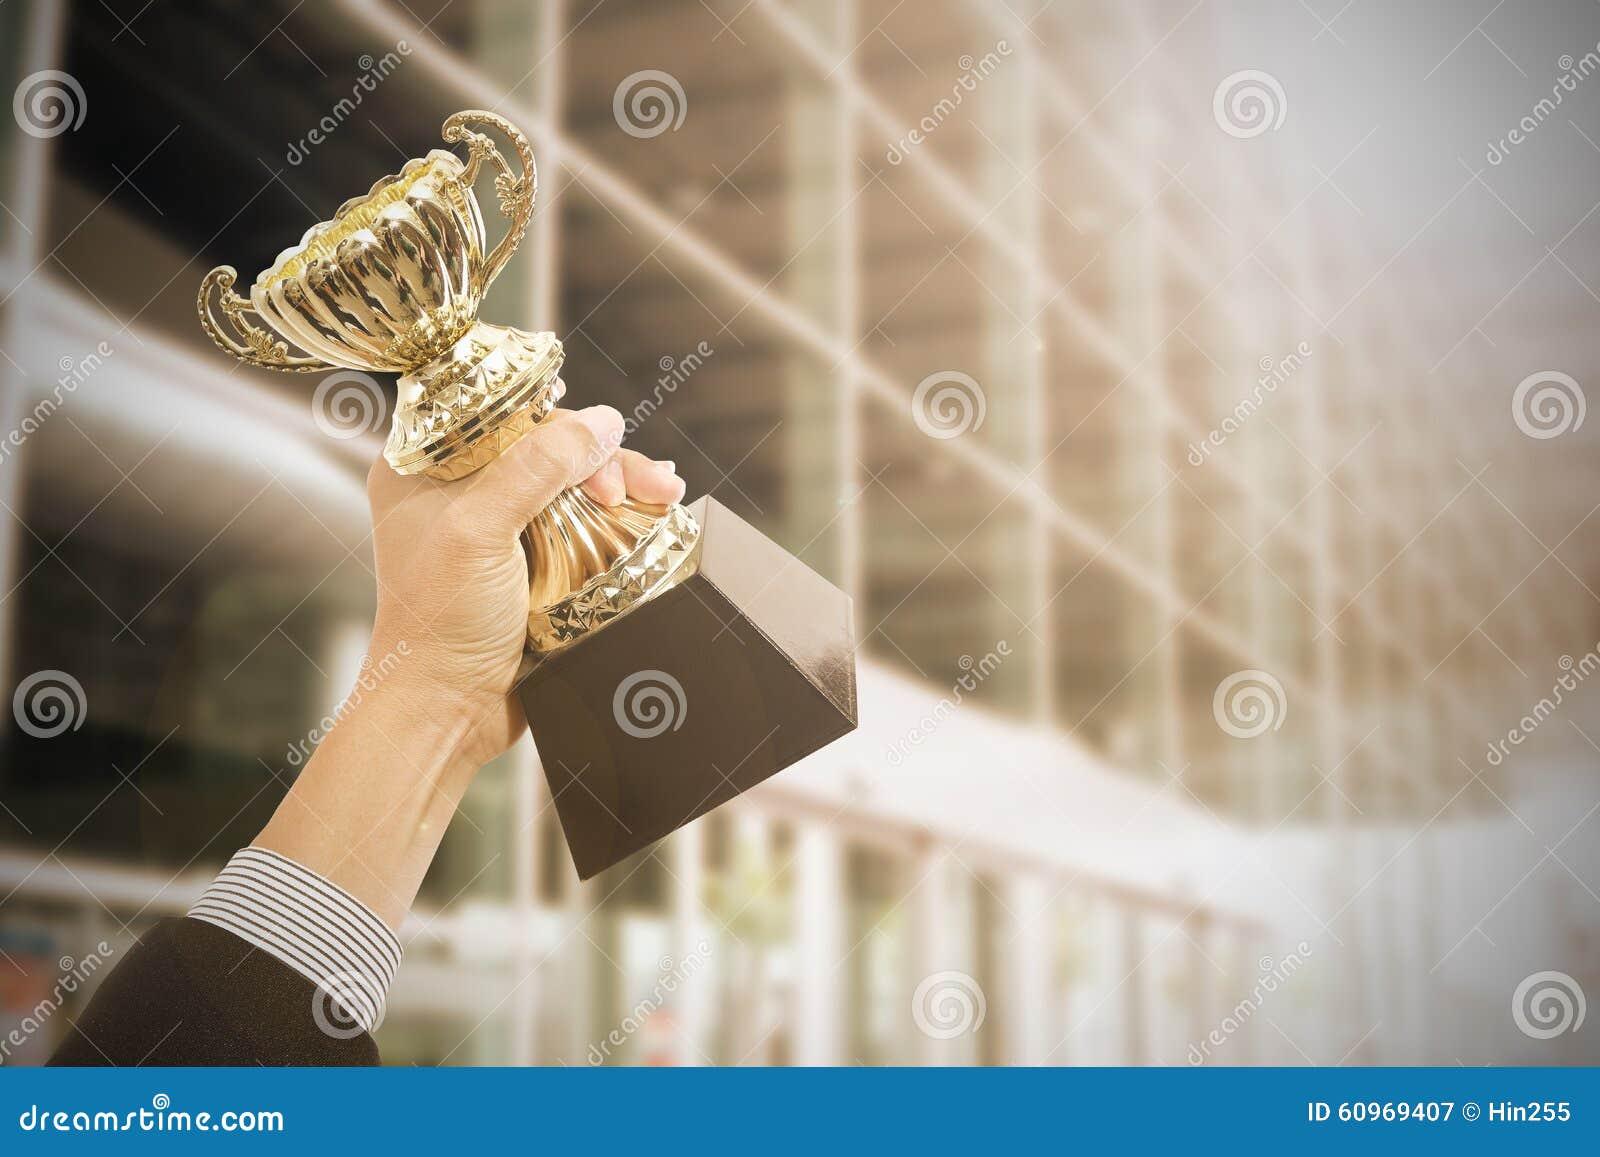 Llevar a cabo premios del trofeo después de acertado